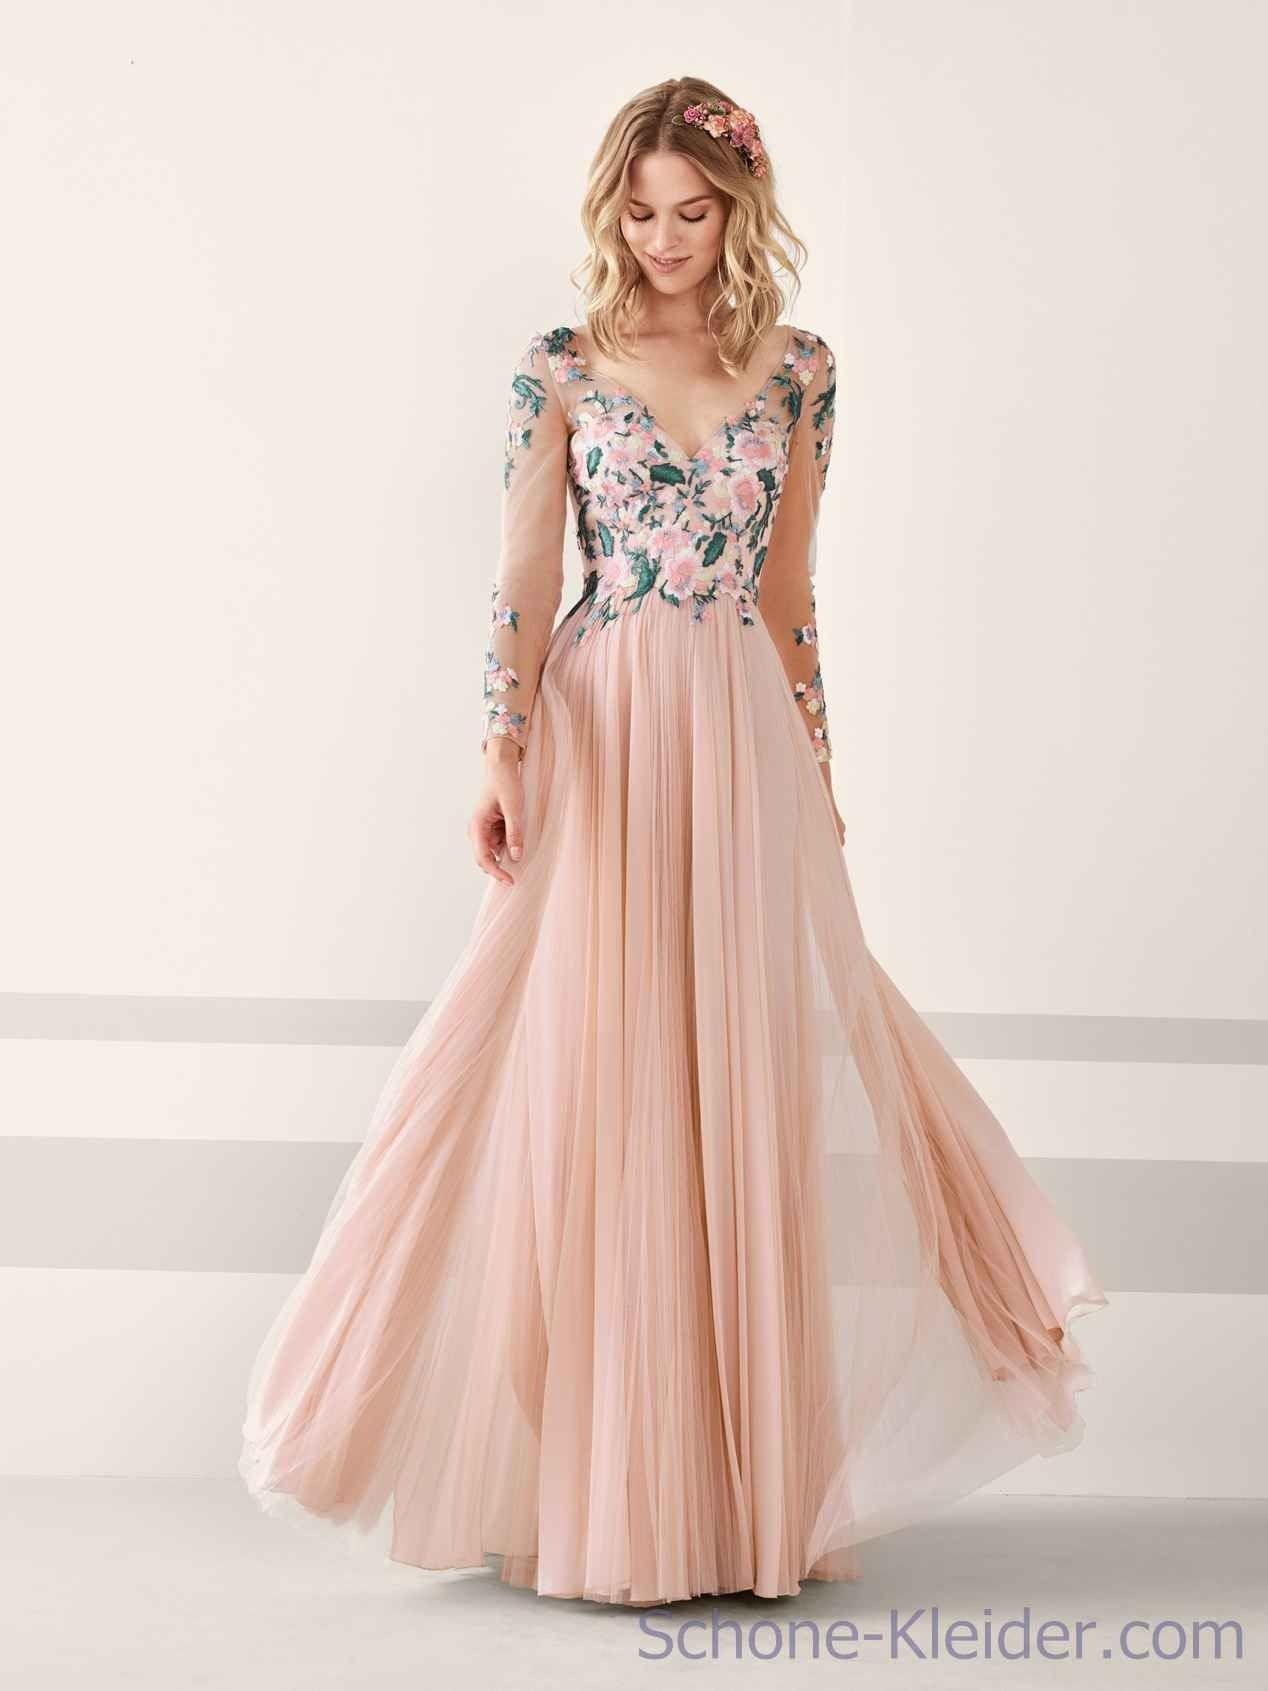 Festliche kleider lang rosa